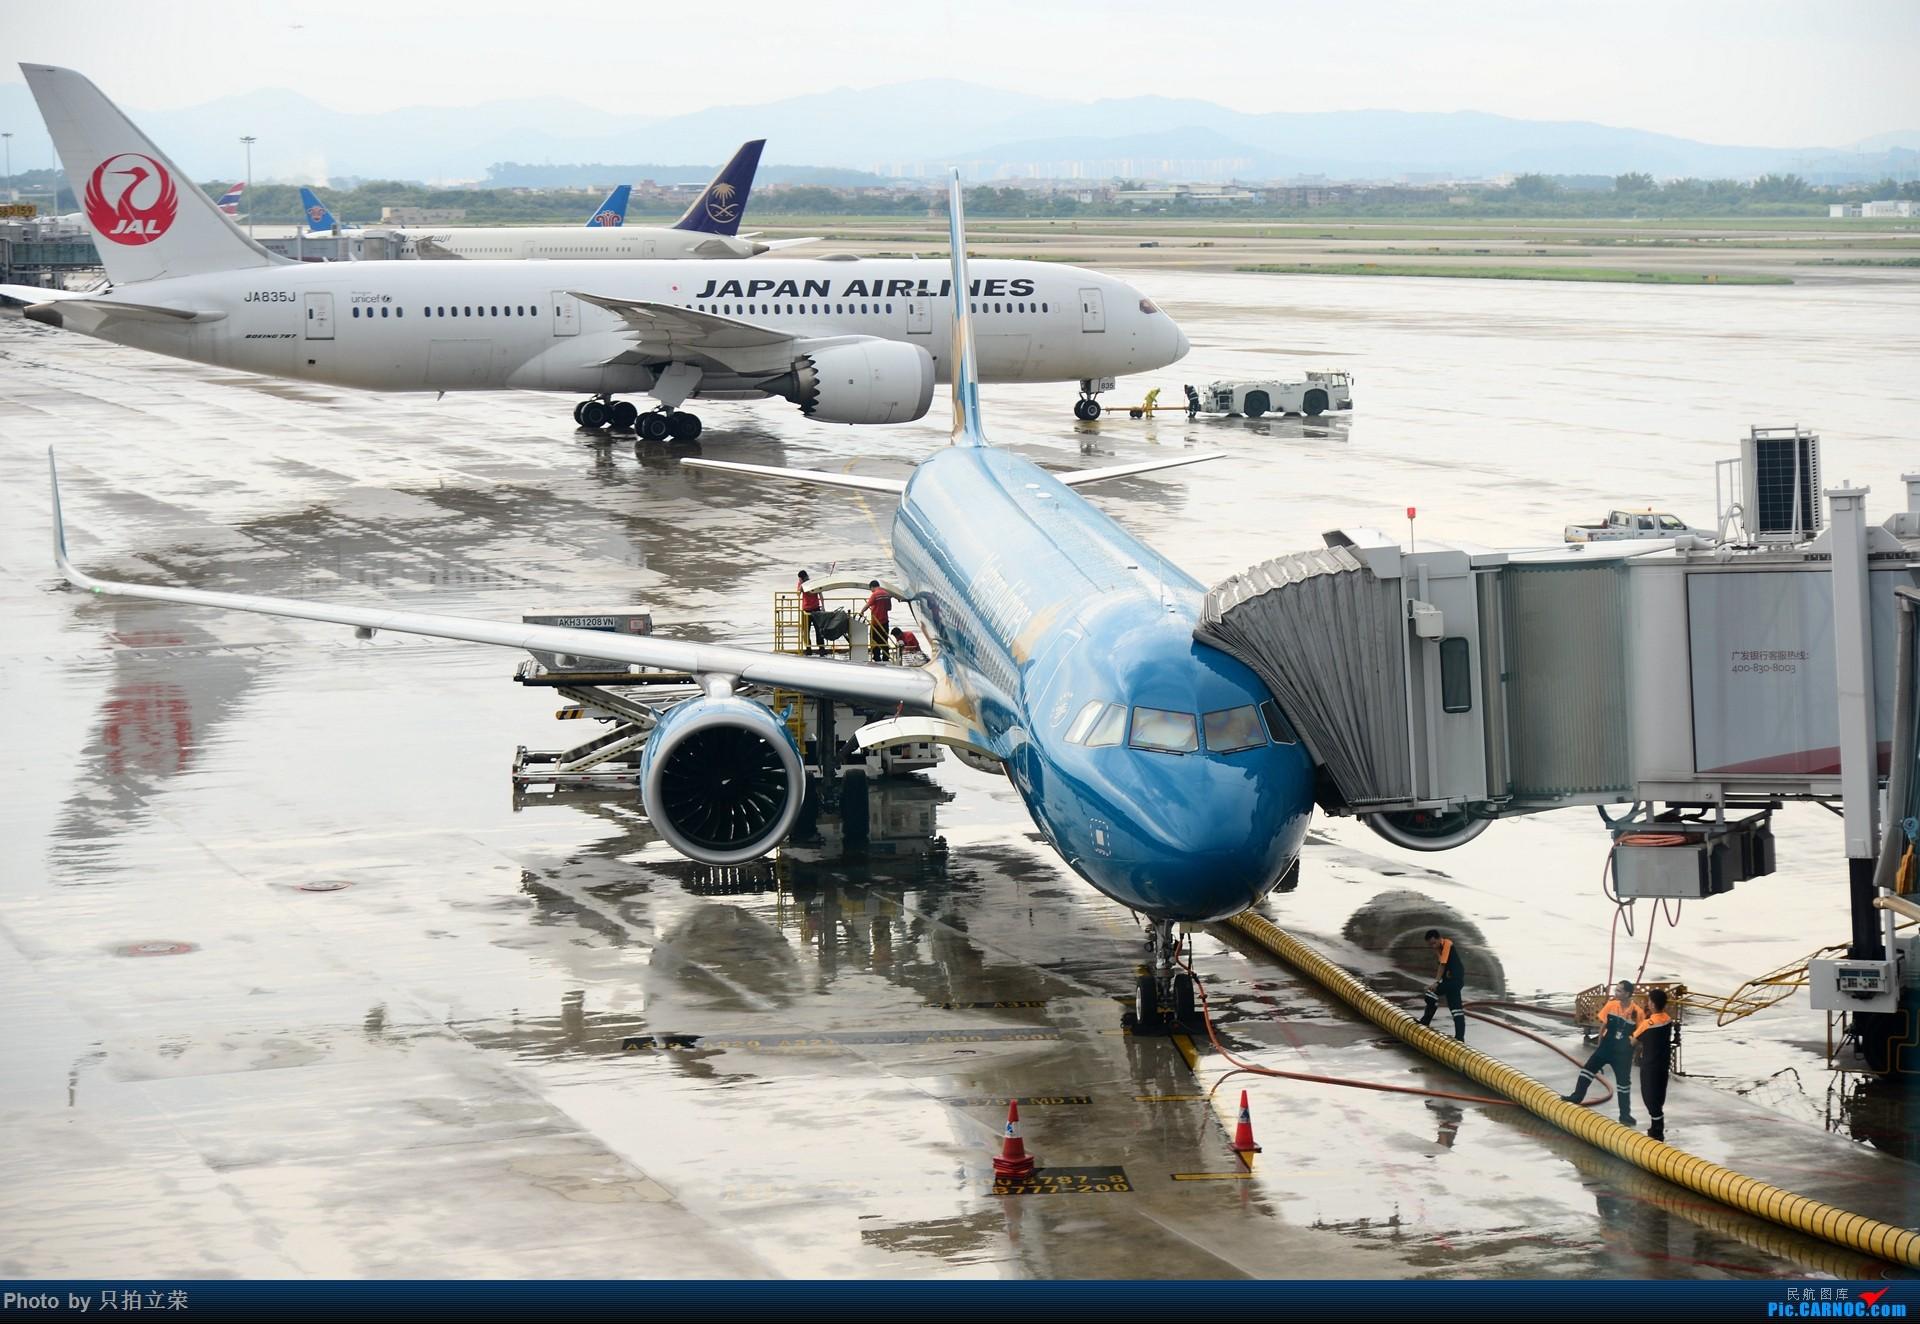 Re:[原创]湖南飞友会:只拍立荣回归。马来之旅航站楼杂图一堆。 AIRBUS A321NEO VN-A621 中国广州白云国际机场